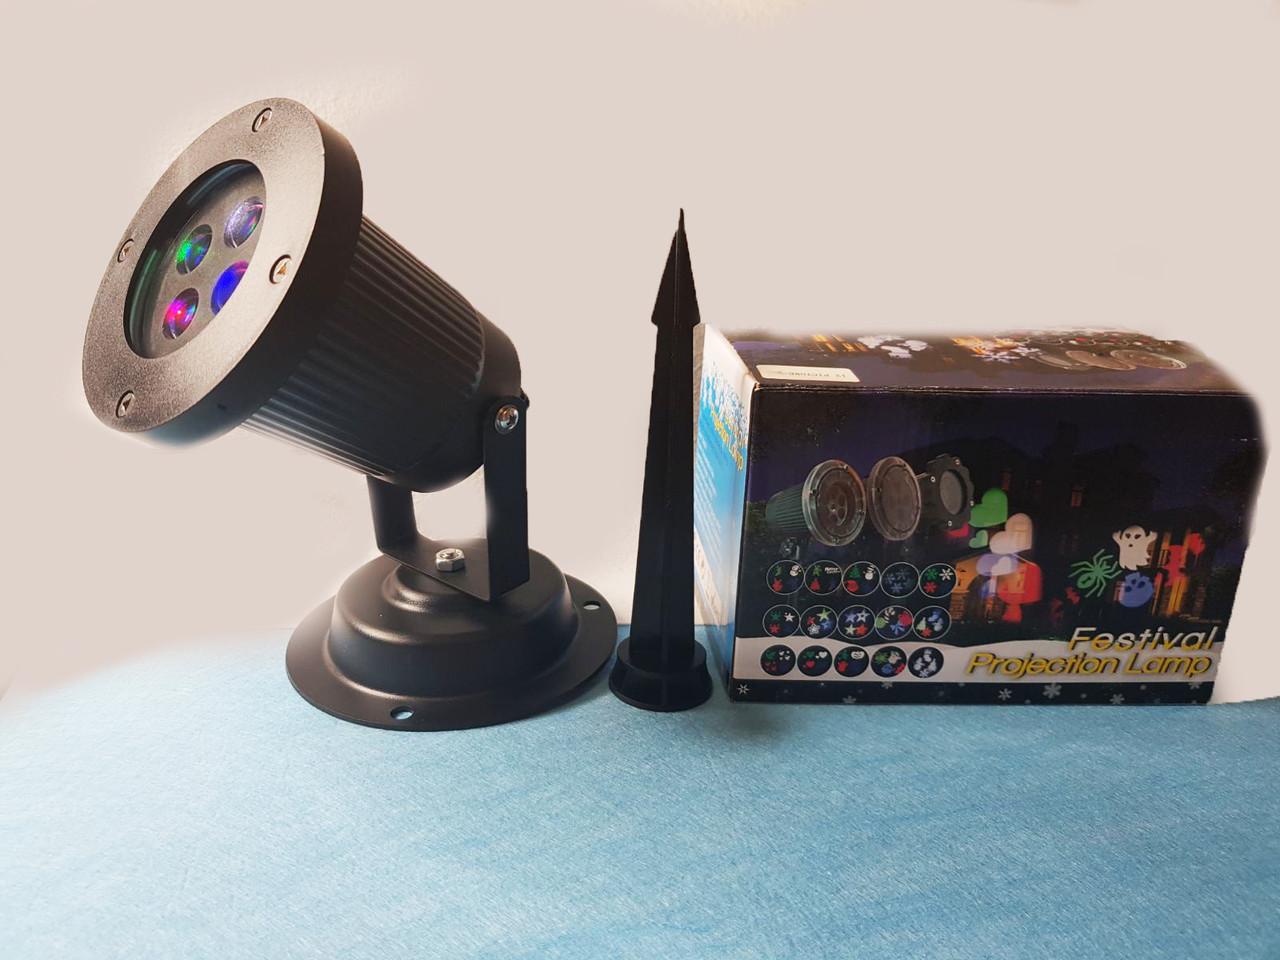 Новорічний лазерний проектор вуличний Festival Projection Lamp